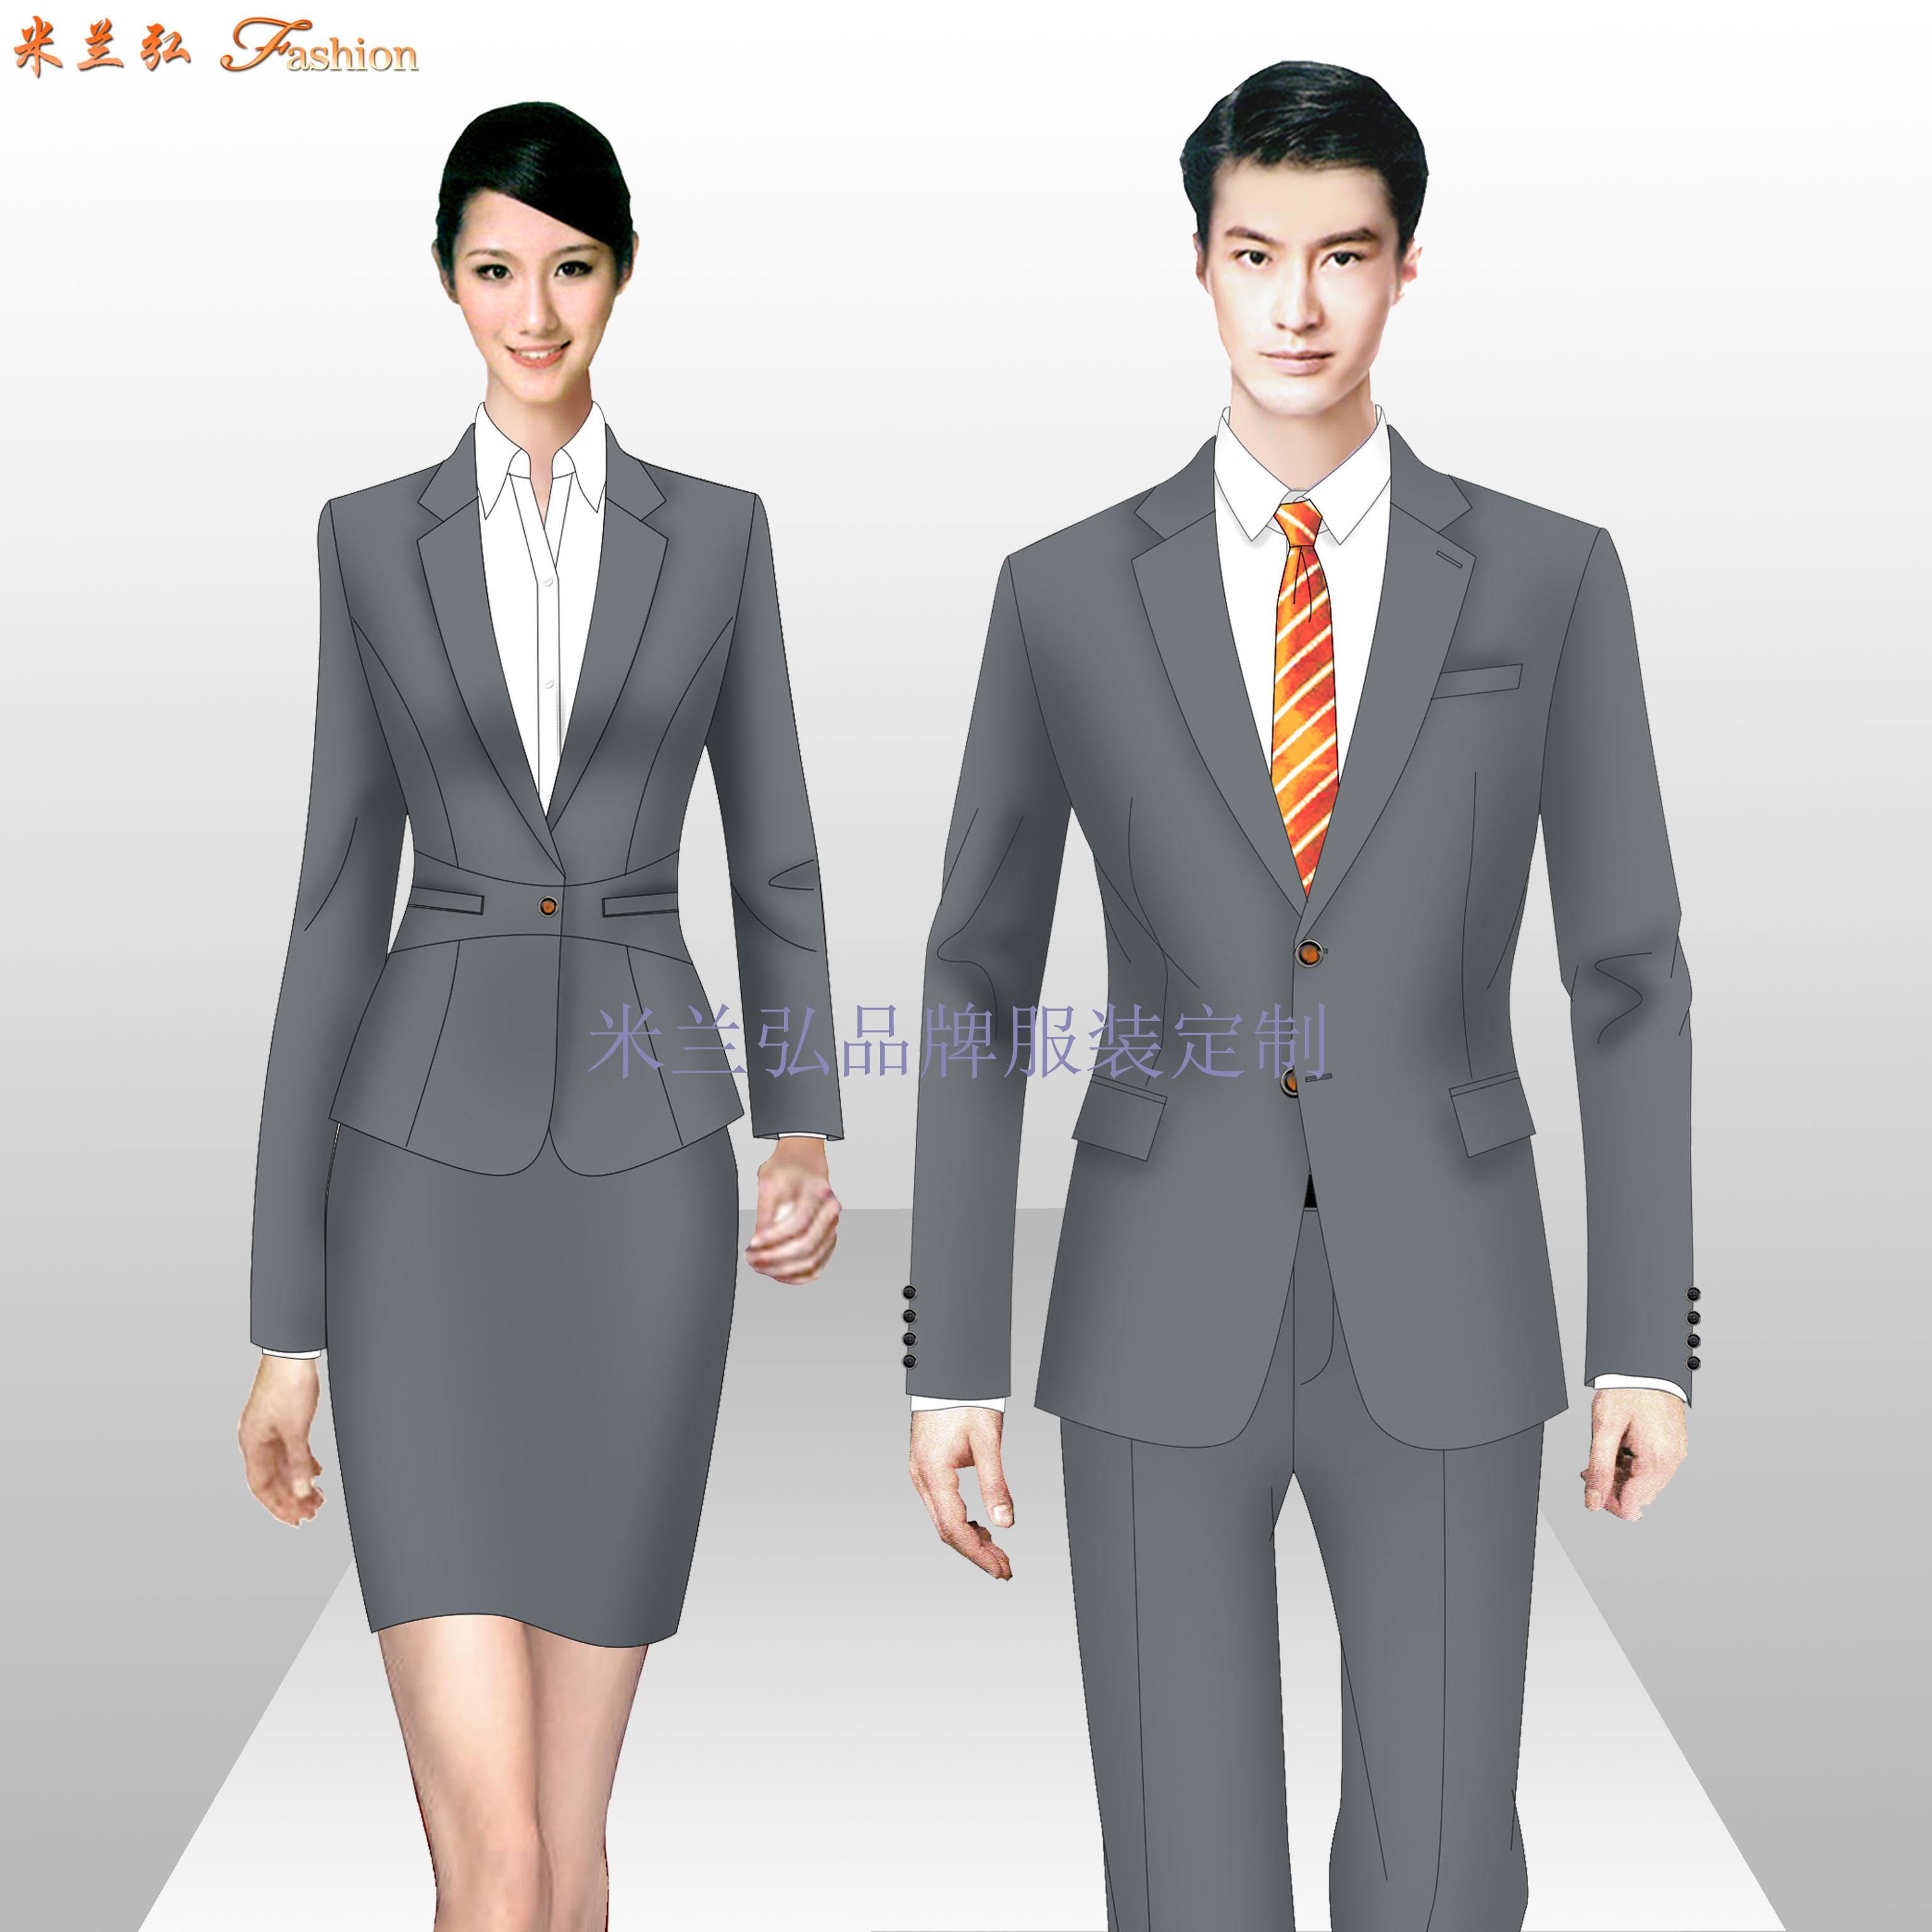 江西职业装定制-品牌职业装订做厂家-米兰弘服装-5